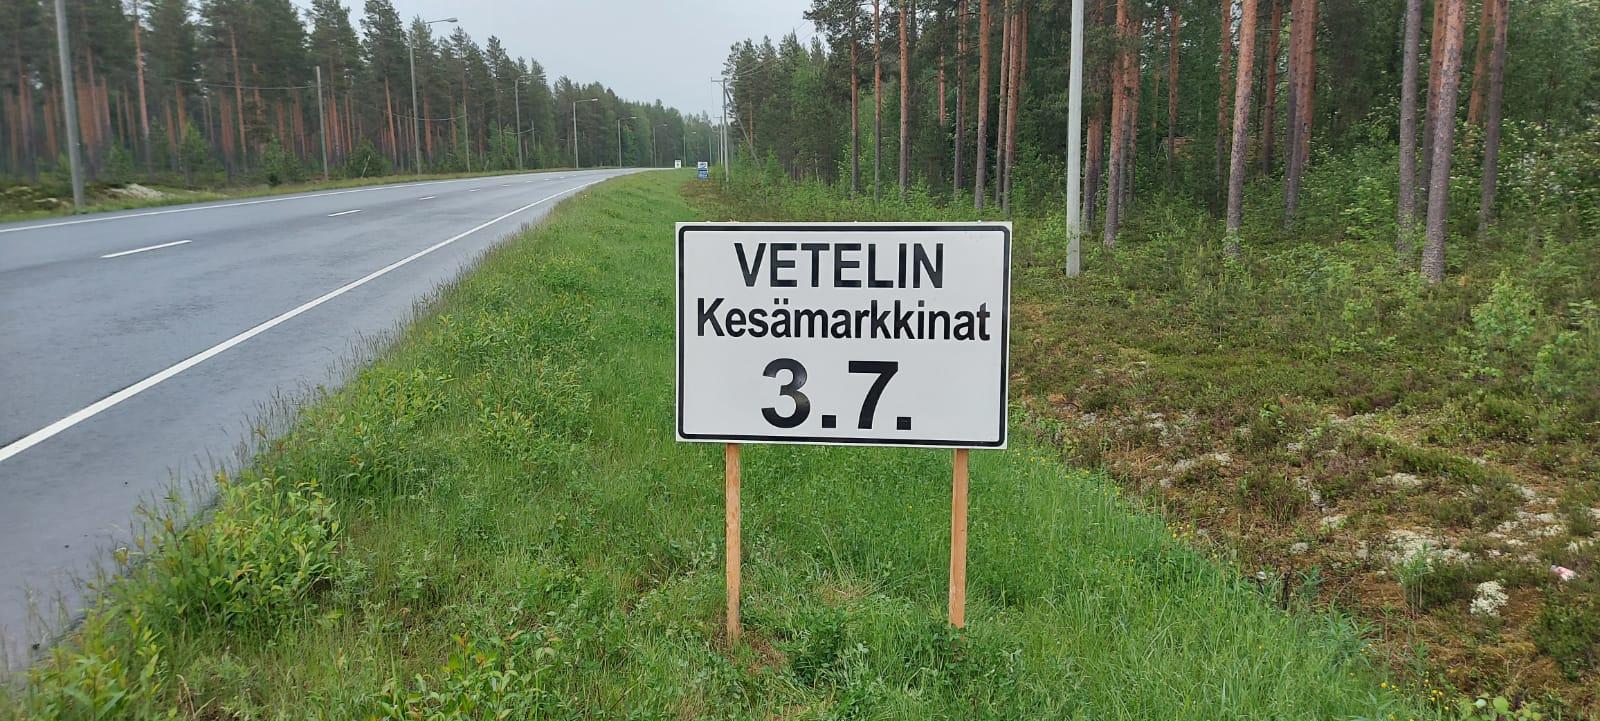 Vetelin Kesämarkkinat 3.7.